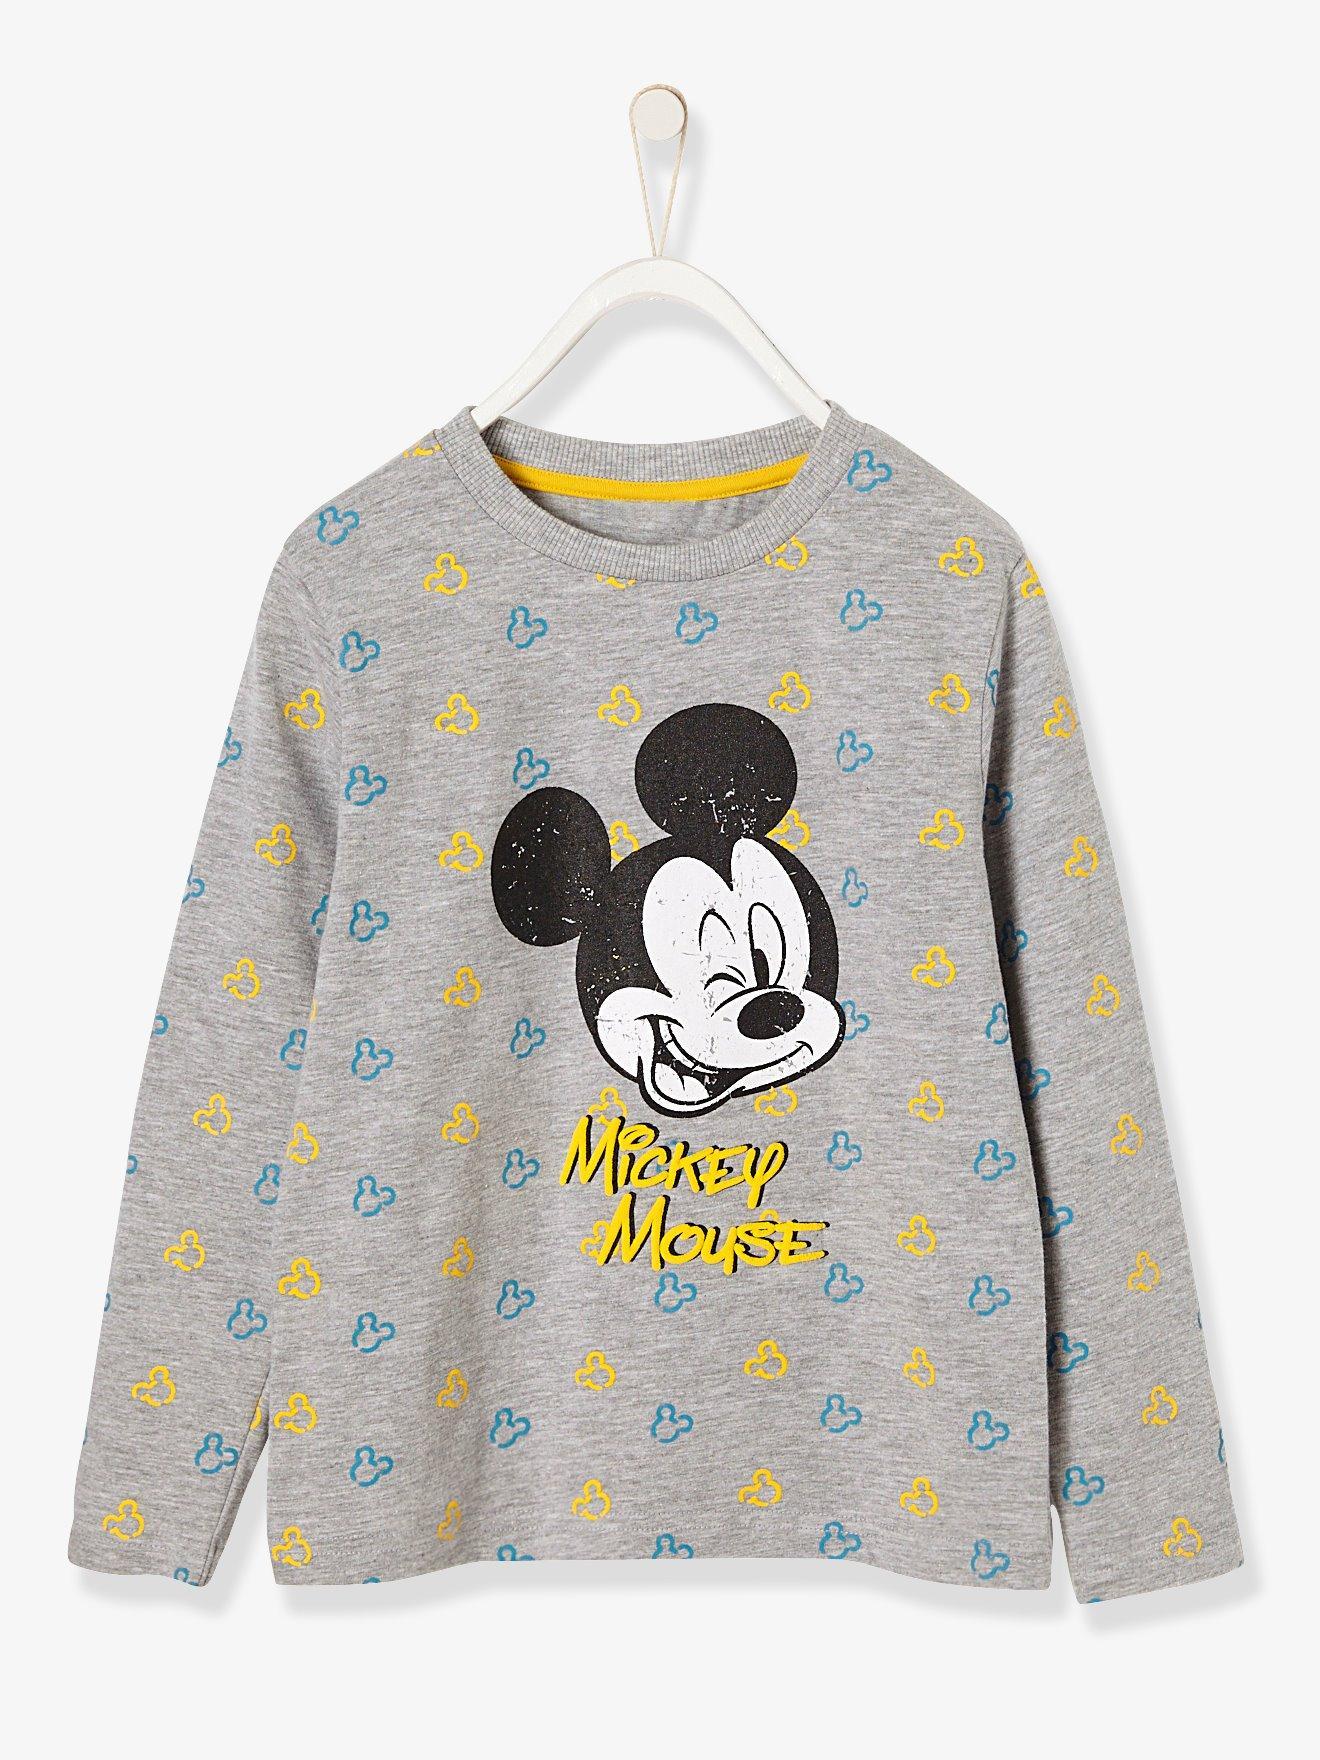 b1186eb61 Camiseta para niño mickey® estampada gris claro jaspeado. Vertbaudet